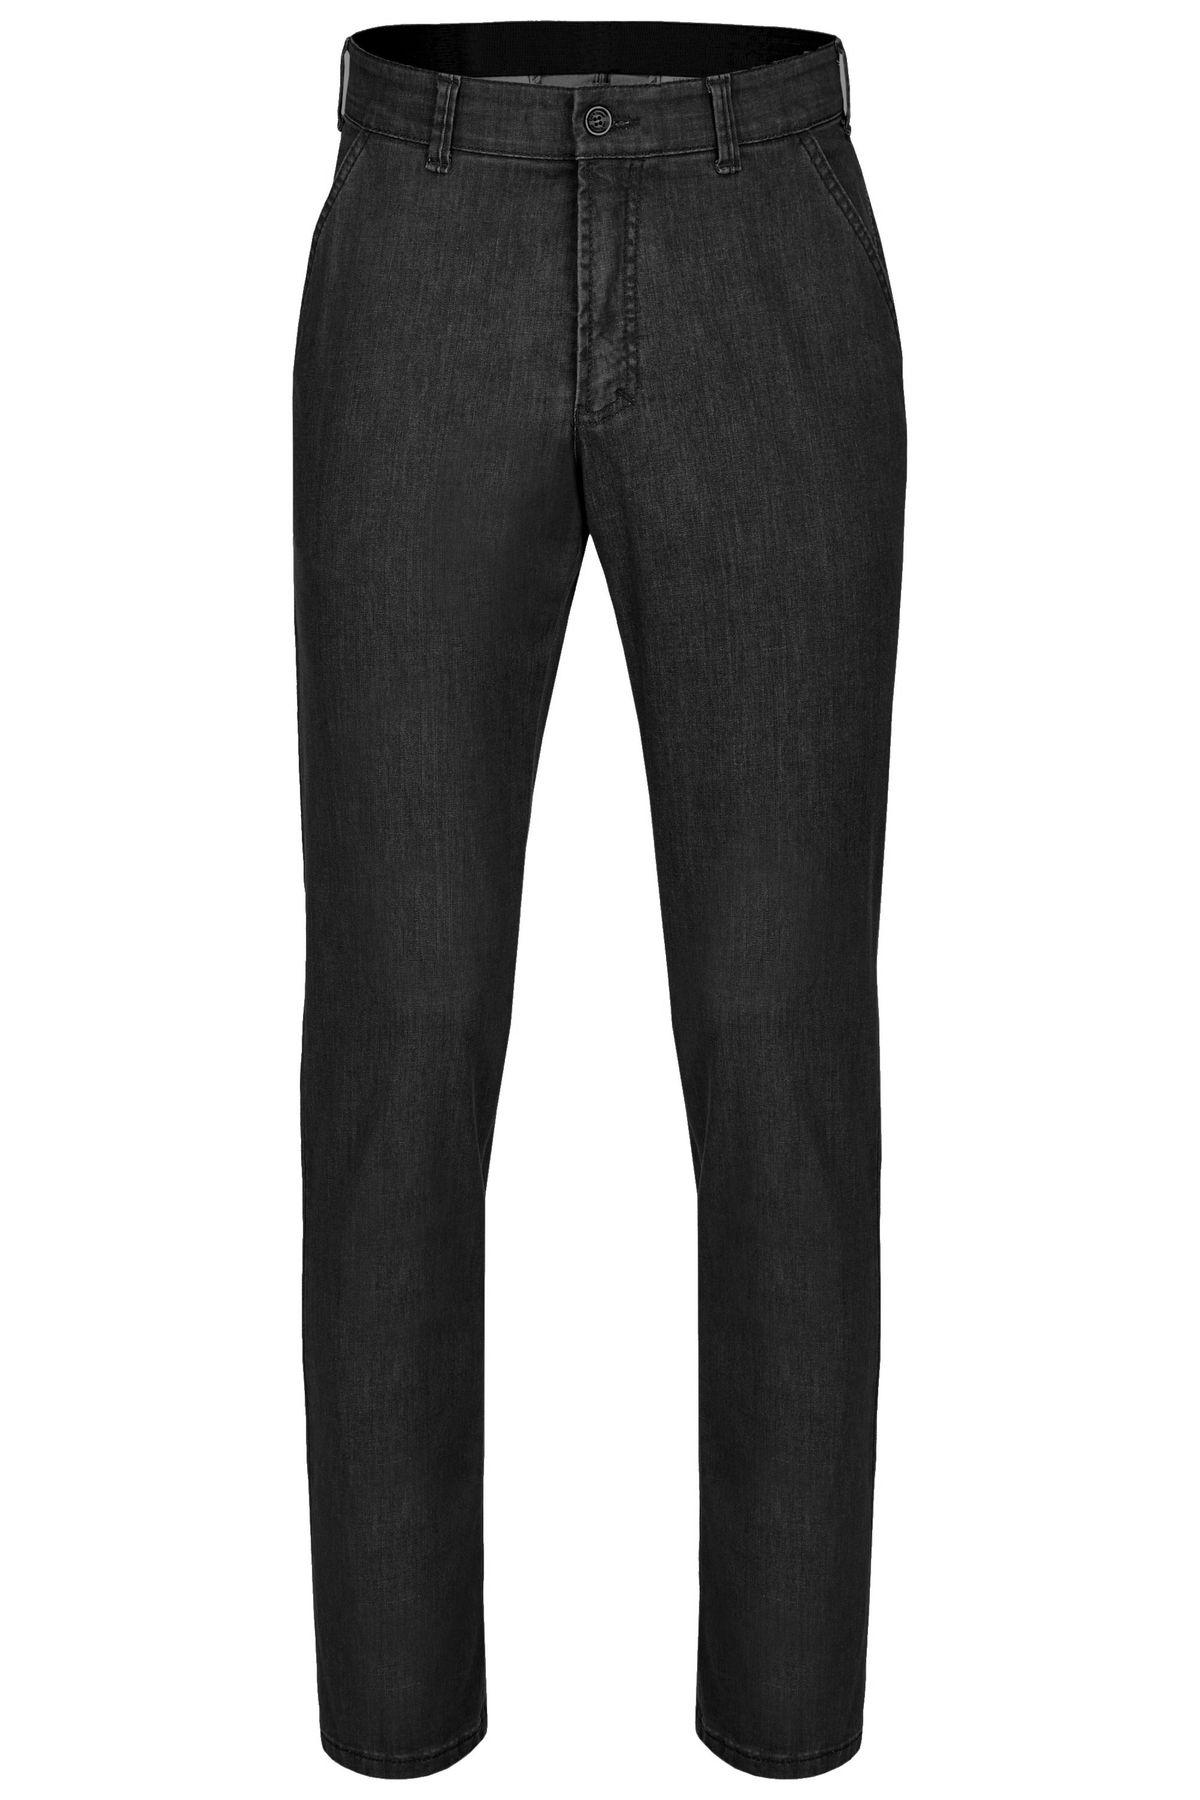 Herren Flat Front Jeans in Blau oder Schwarz (15205000) – Bild 2